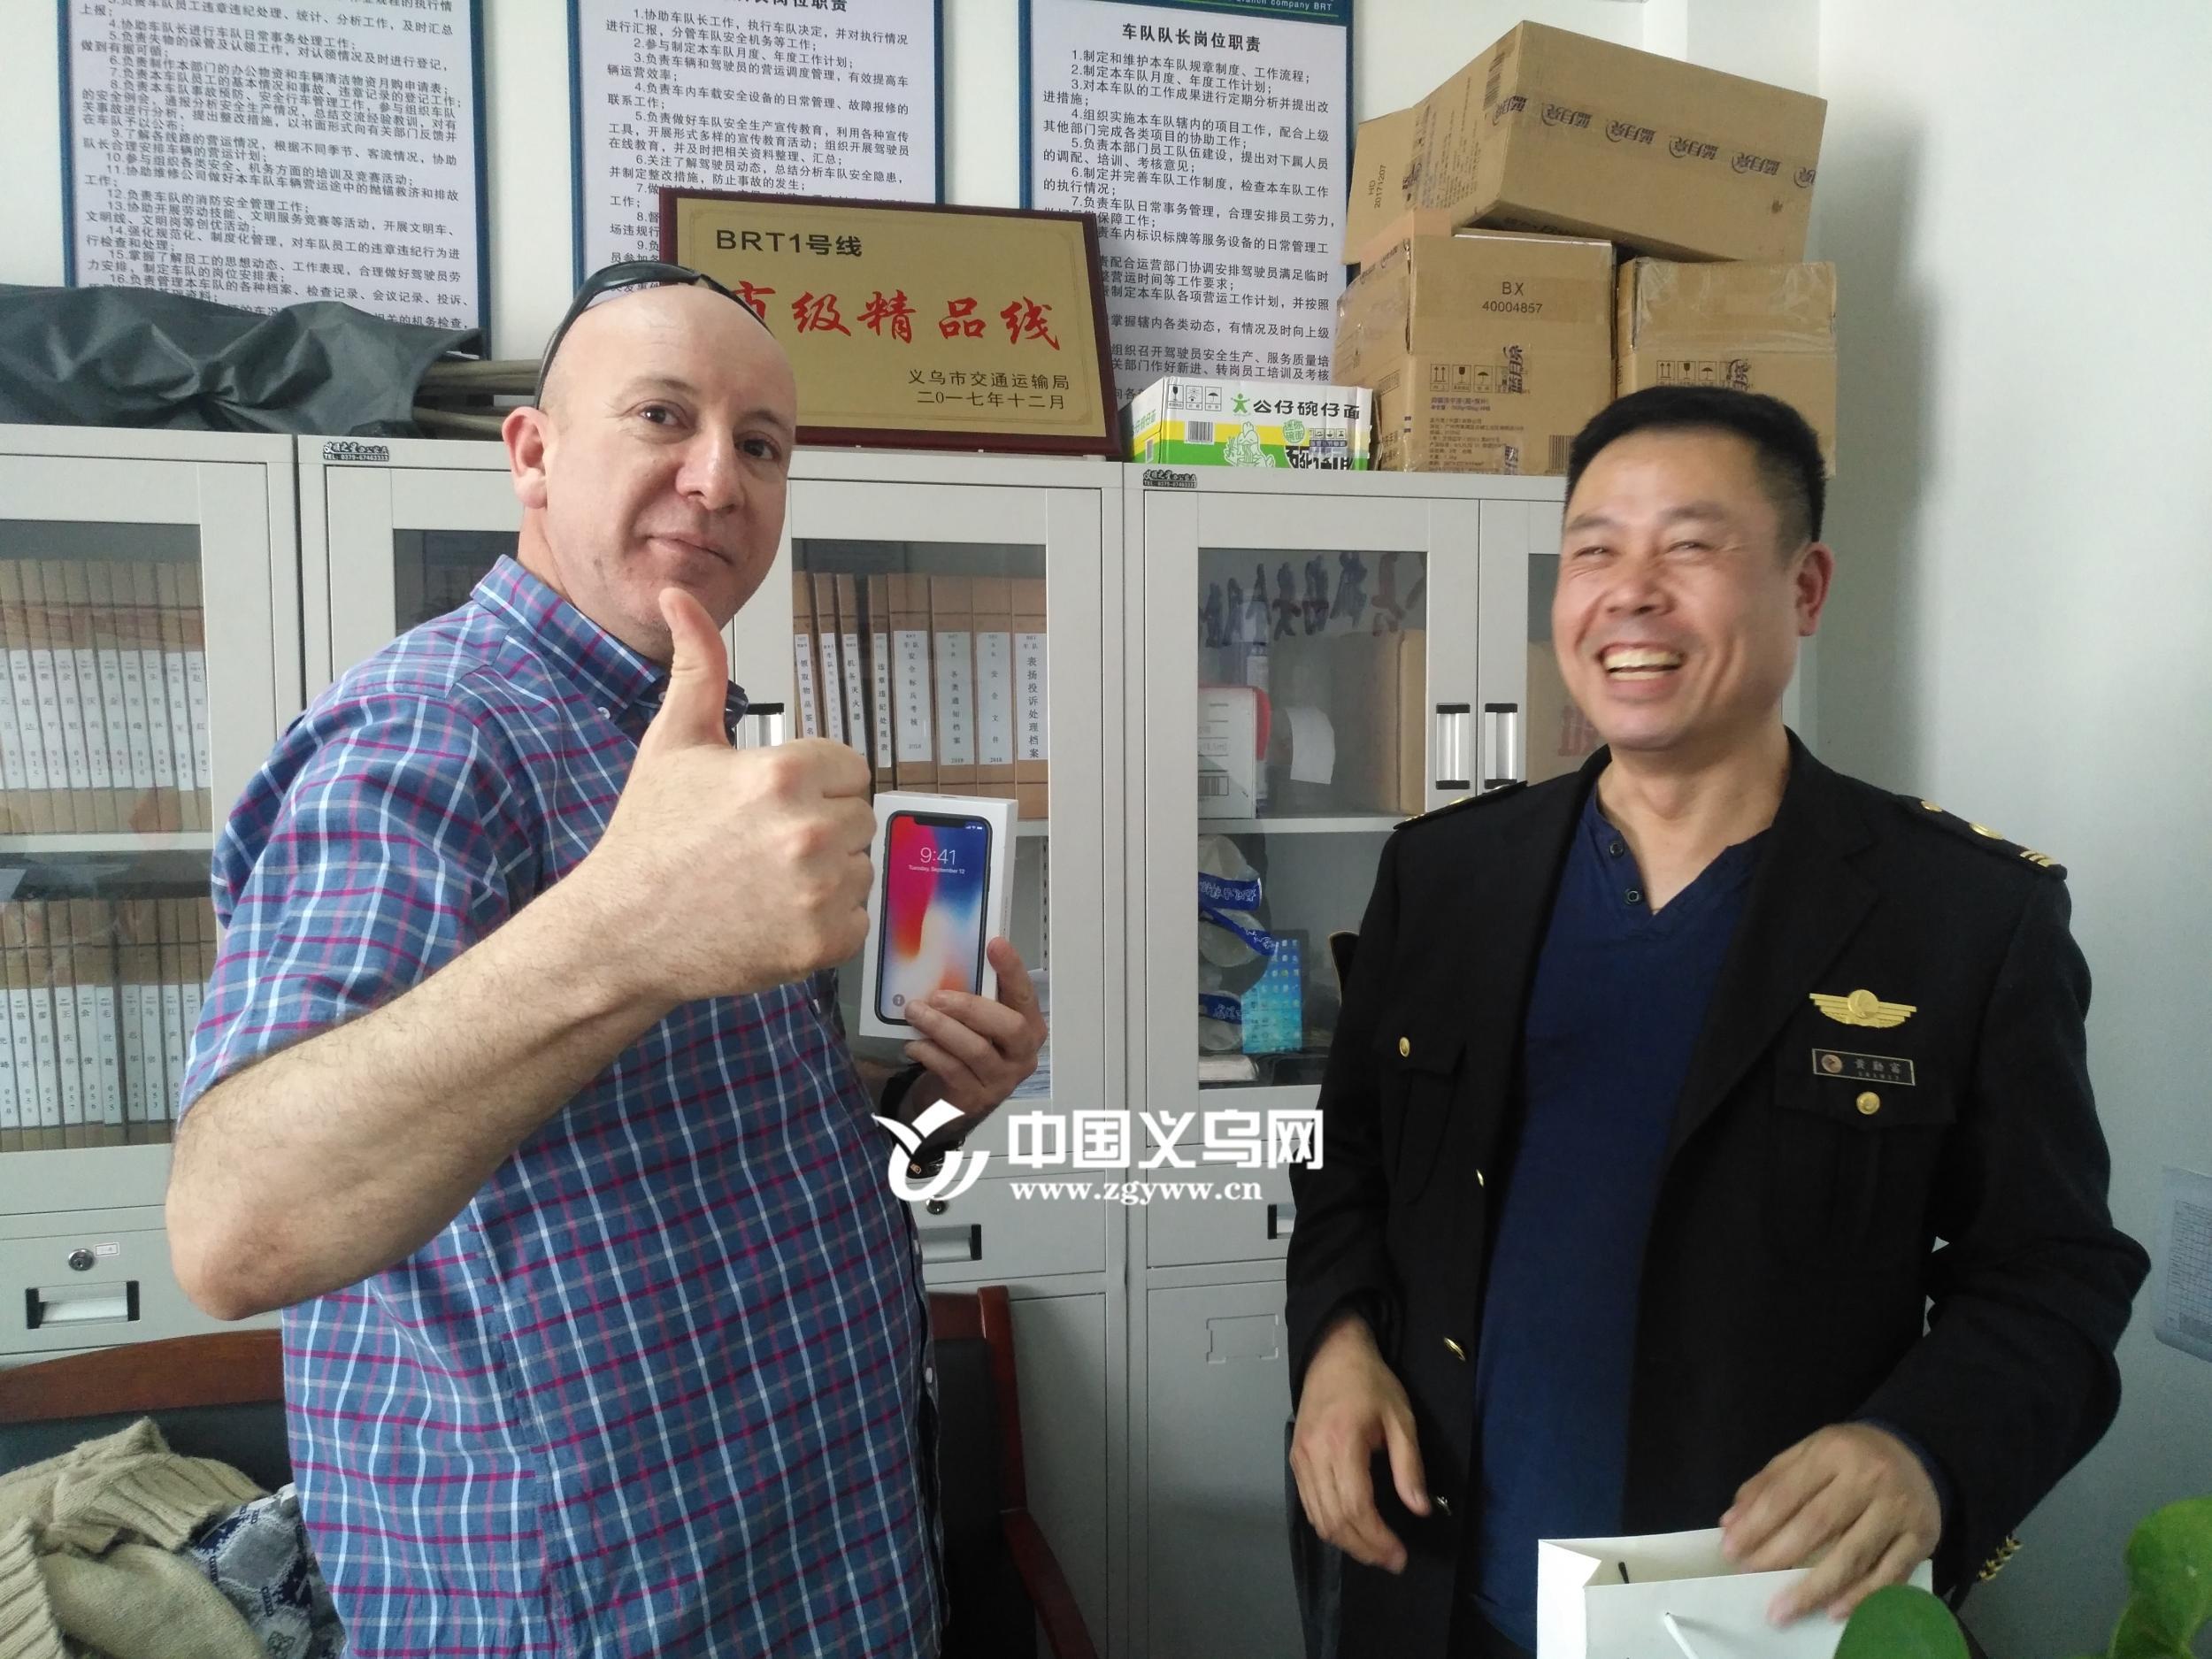 【十八力】外商手机刚买就丢 义乌BRT驾驶员及时物归原主